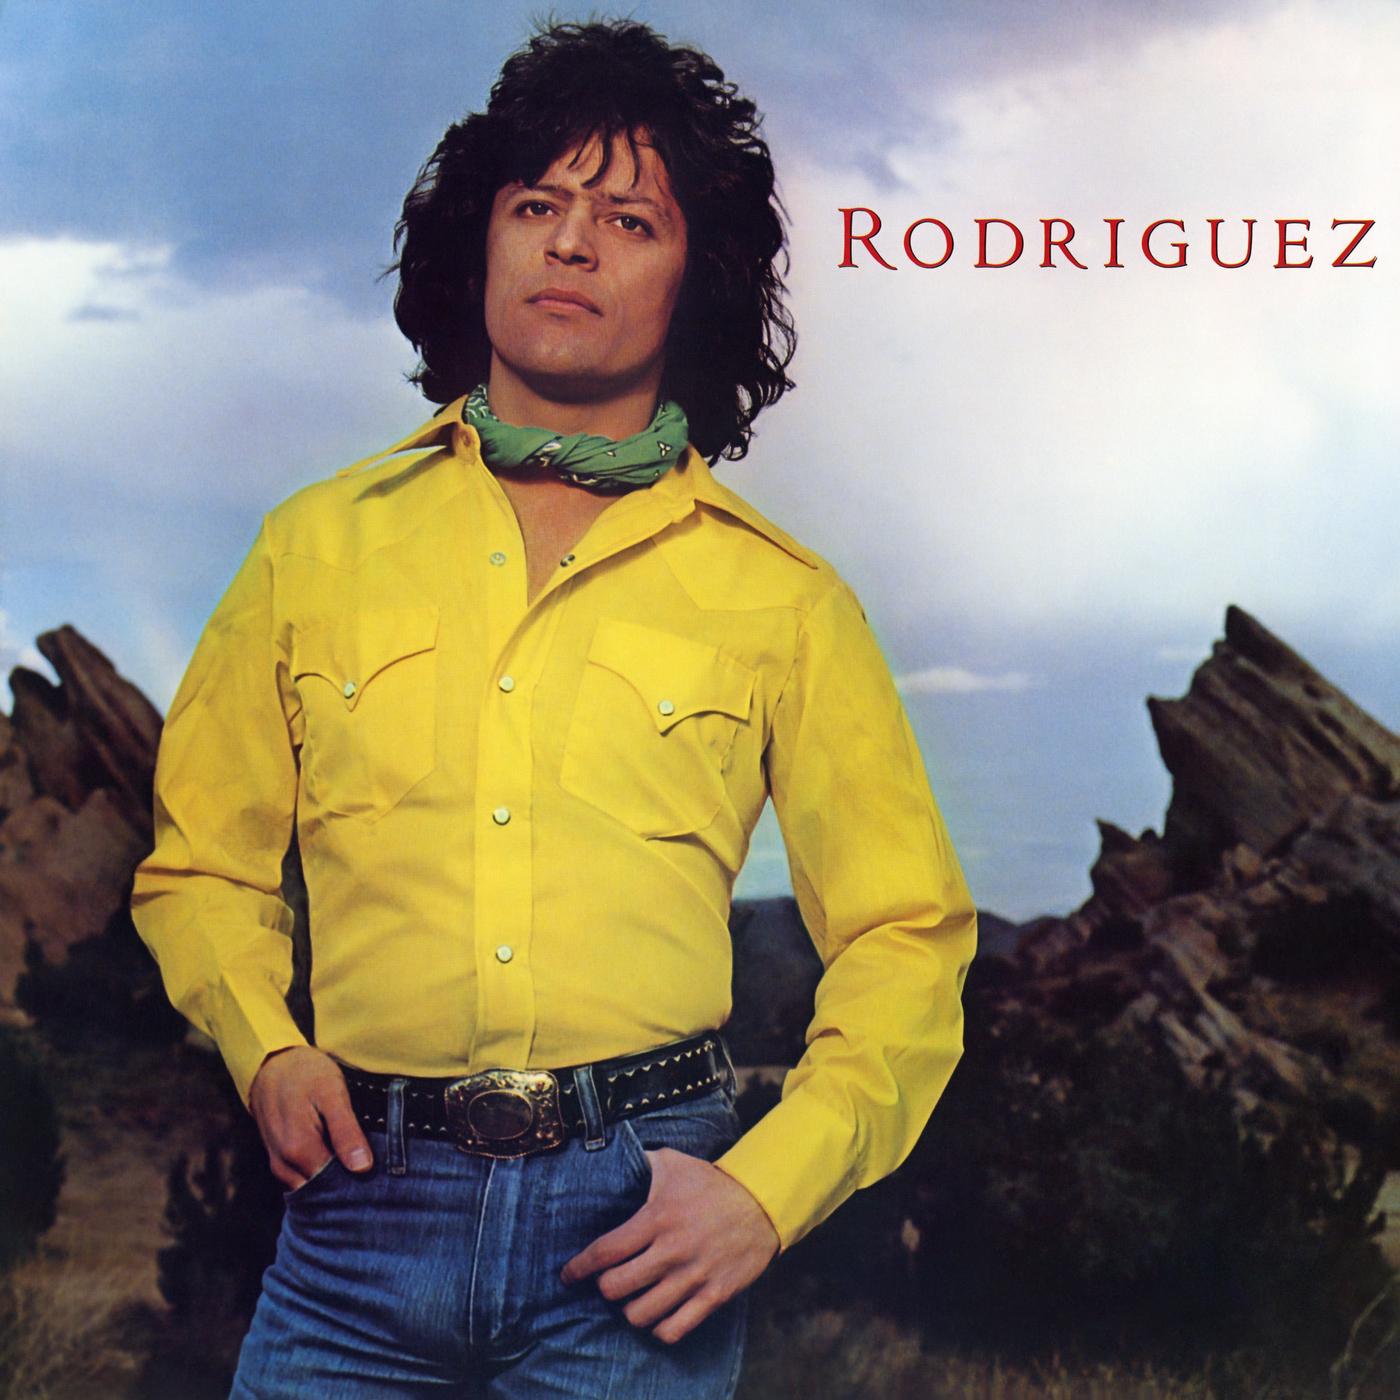 Rodriguez - Johnny Rodríguez